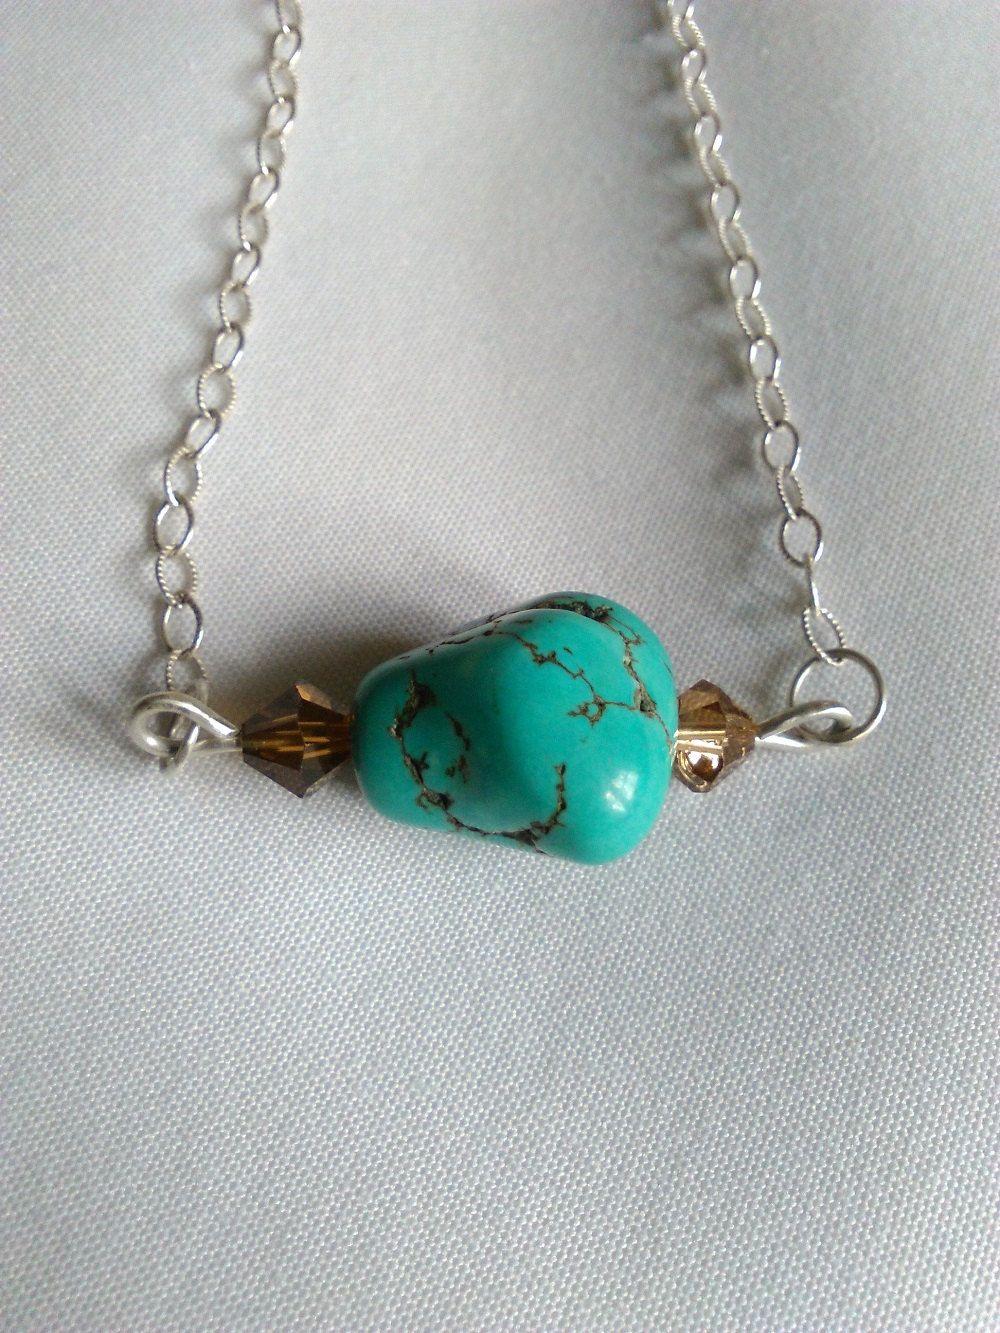 Turquoise Nugget Necklace - Gemstone Bar Necklace - Minimal Stone Necklace - Gemstone and Silver Bar Necklace - Turquoise and Crystal by KarenElizabethJ on Etsy